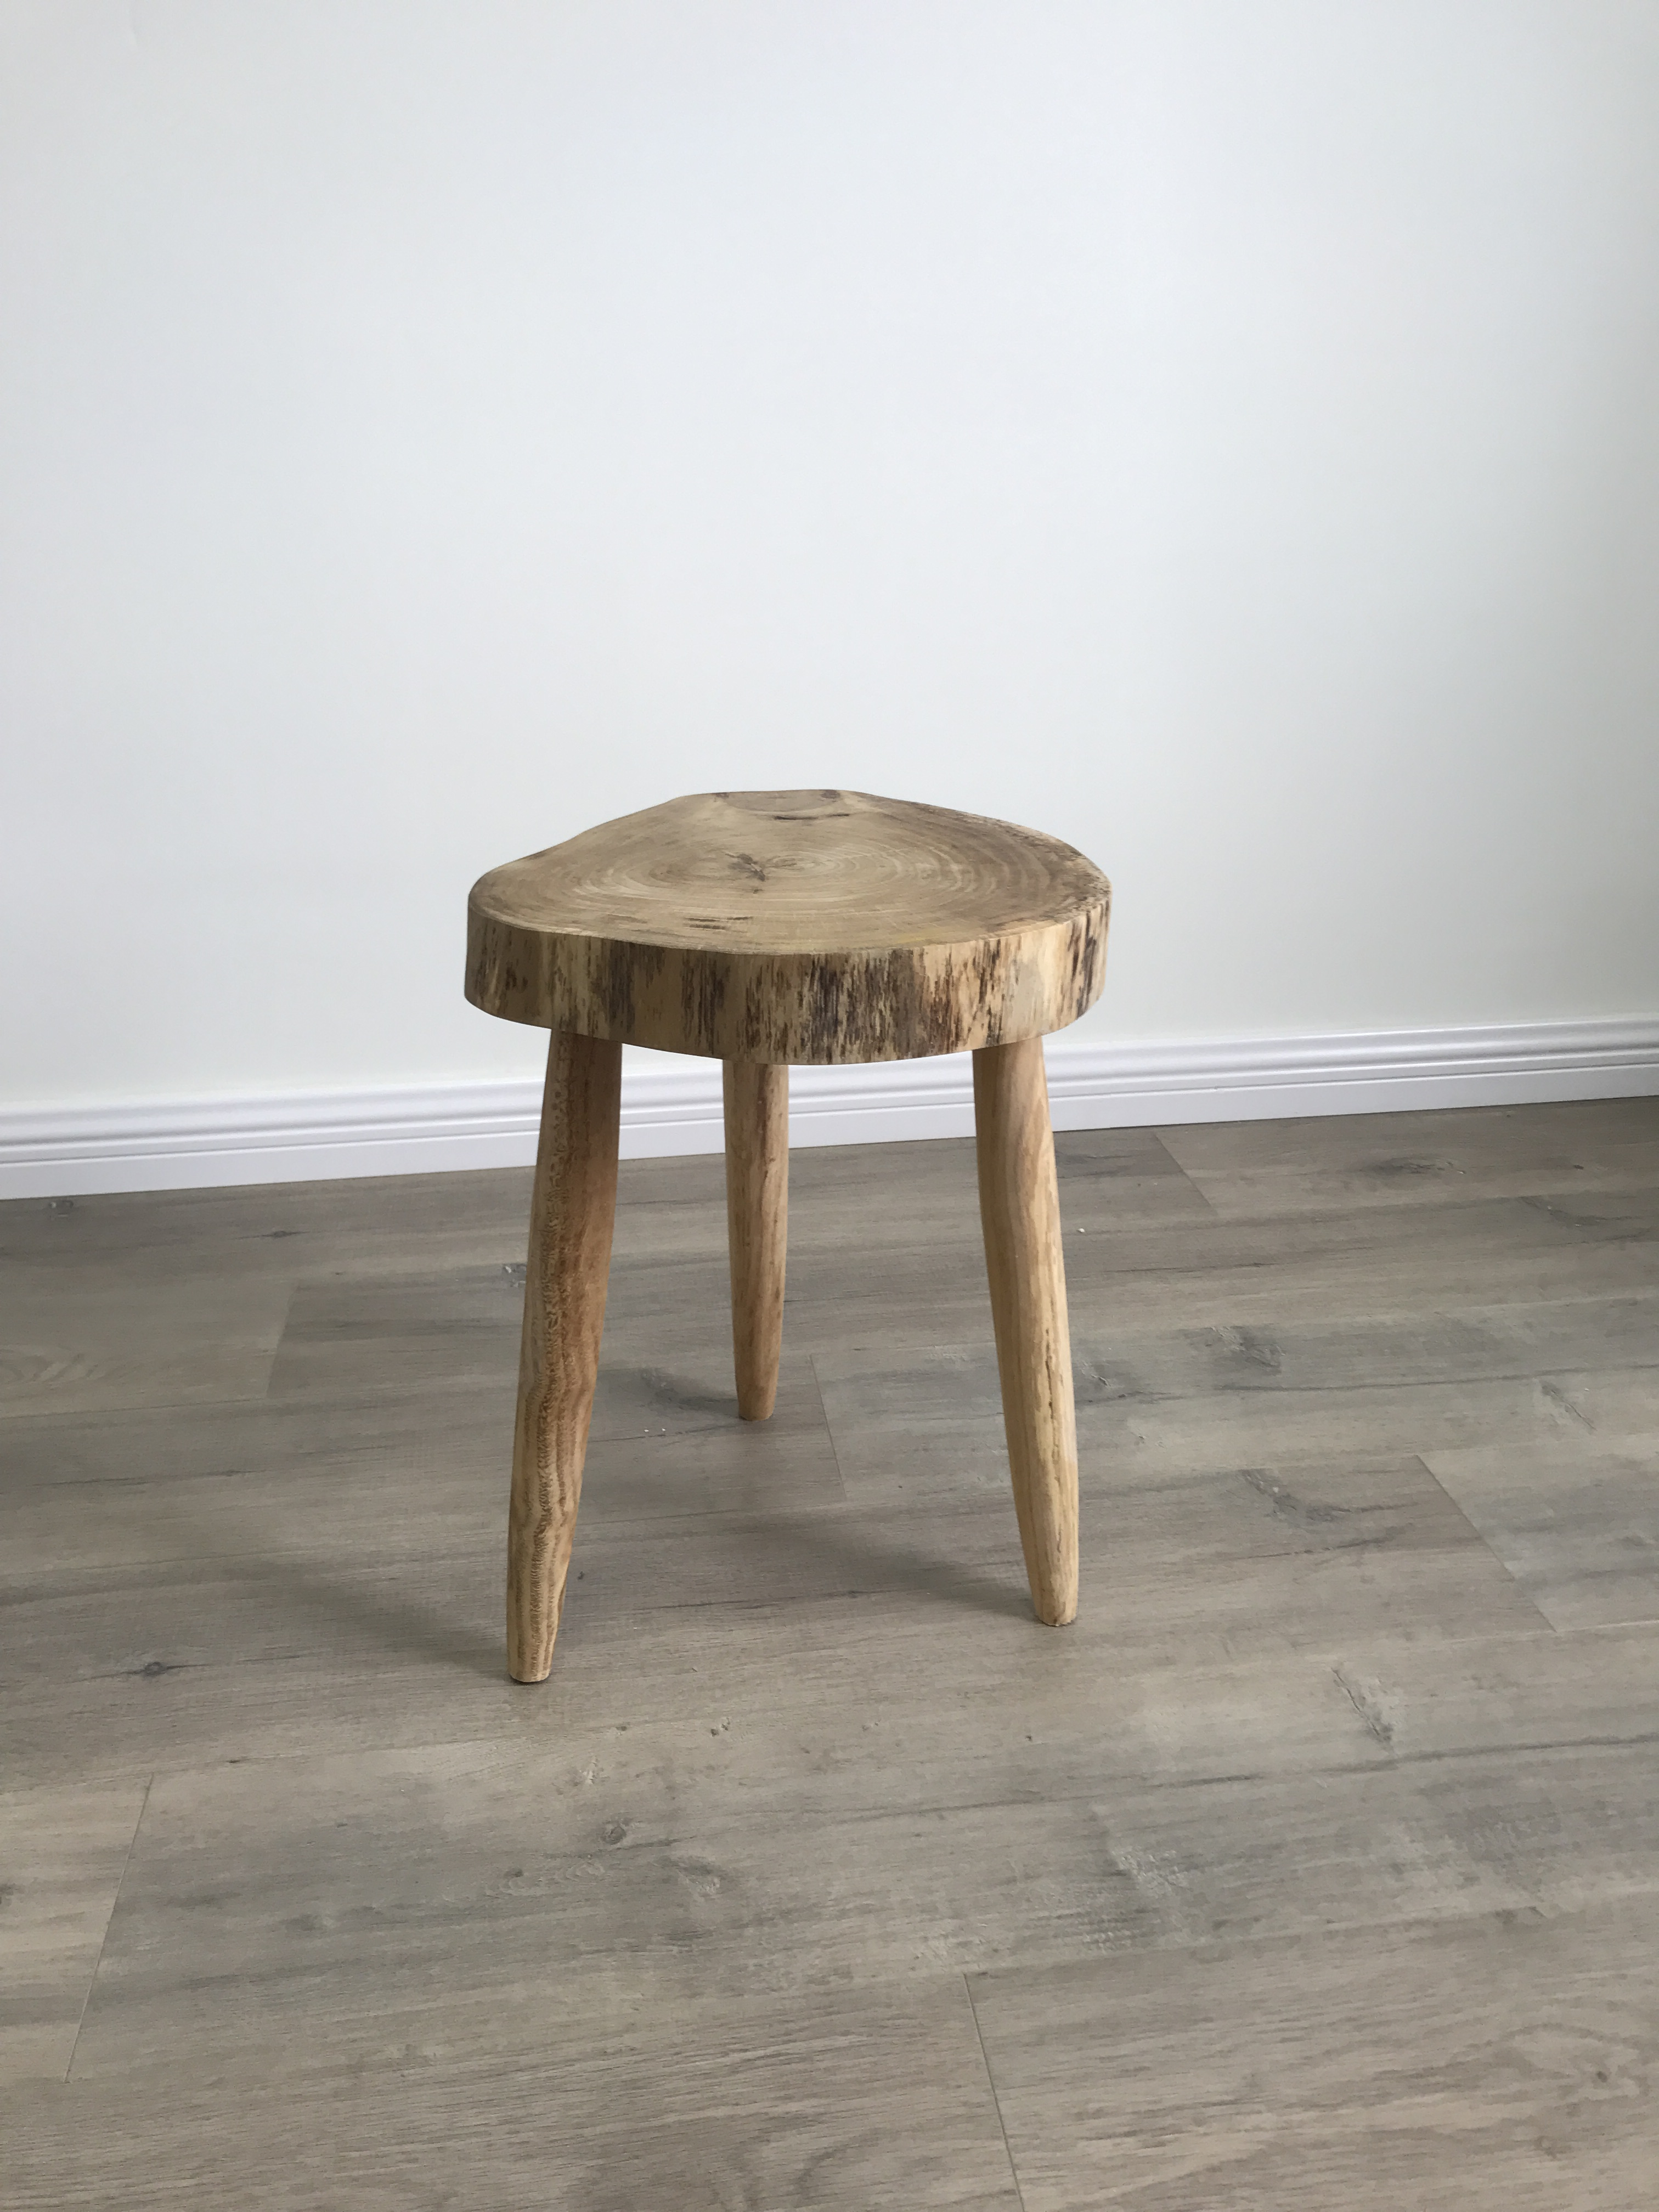 創意實木小圓桌 咖啡桌小茶几三腳凳花架床頭架擺架原生態茶几